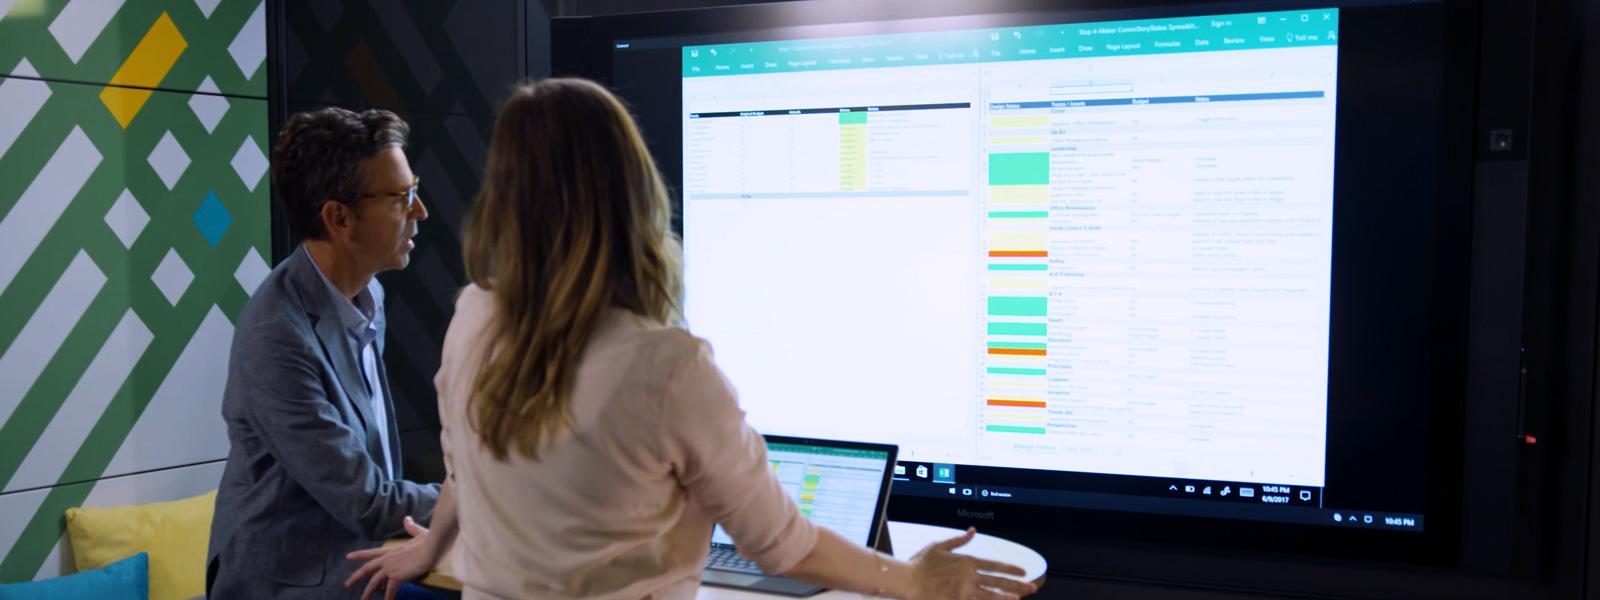 واحدة من 5 مساحات بشركة Steelcase المصممة بما يناسب العمل على أجهزة Surface، وبالصورة رجل وامرأة يستخدمان Surface Hub.